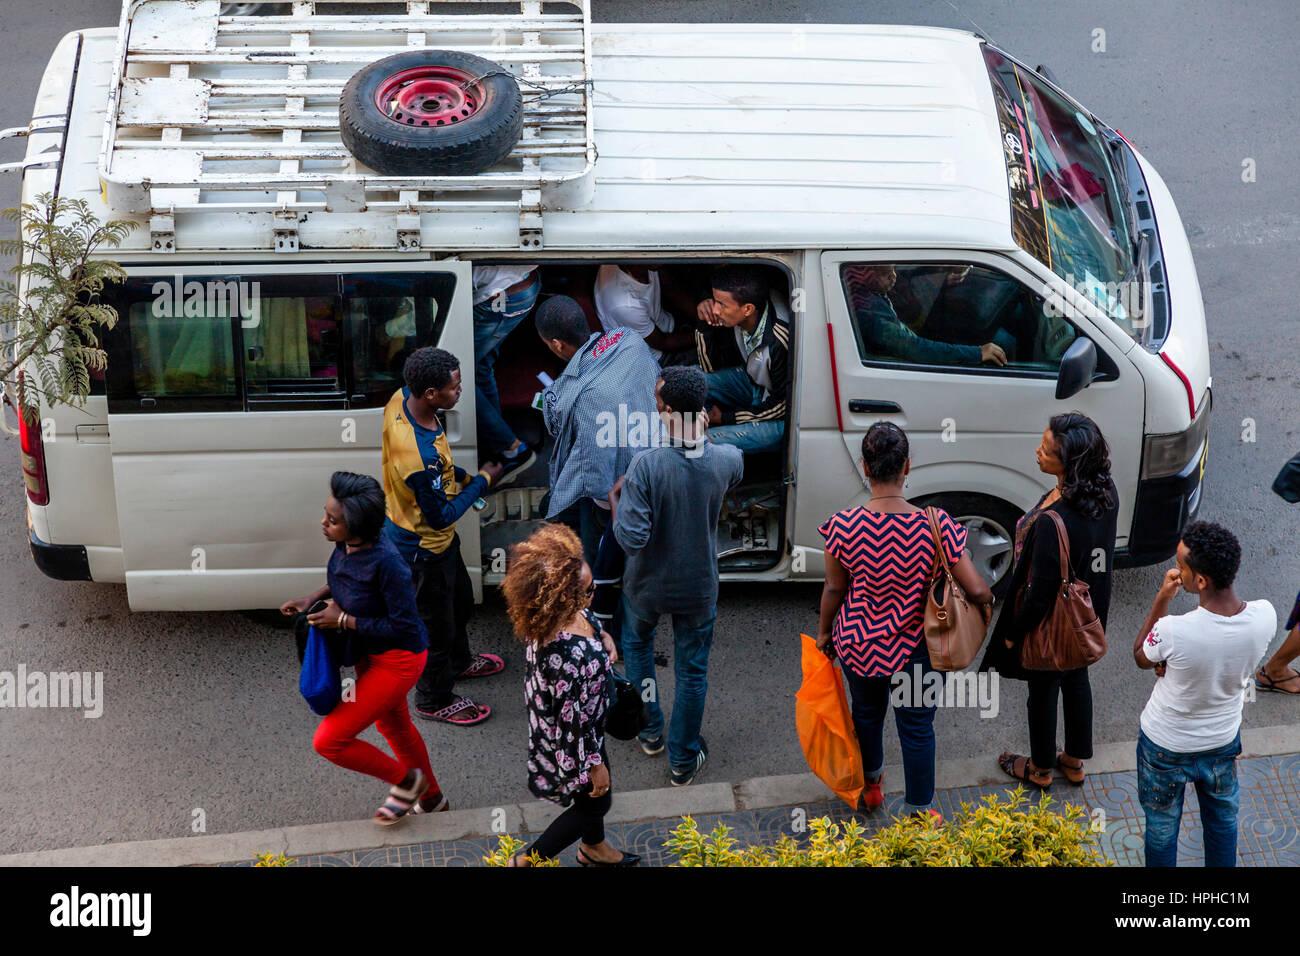 Minibus Taxis, Bole Road, Addis Ababa, Ethiopia - Stock Image